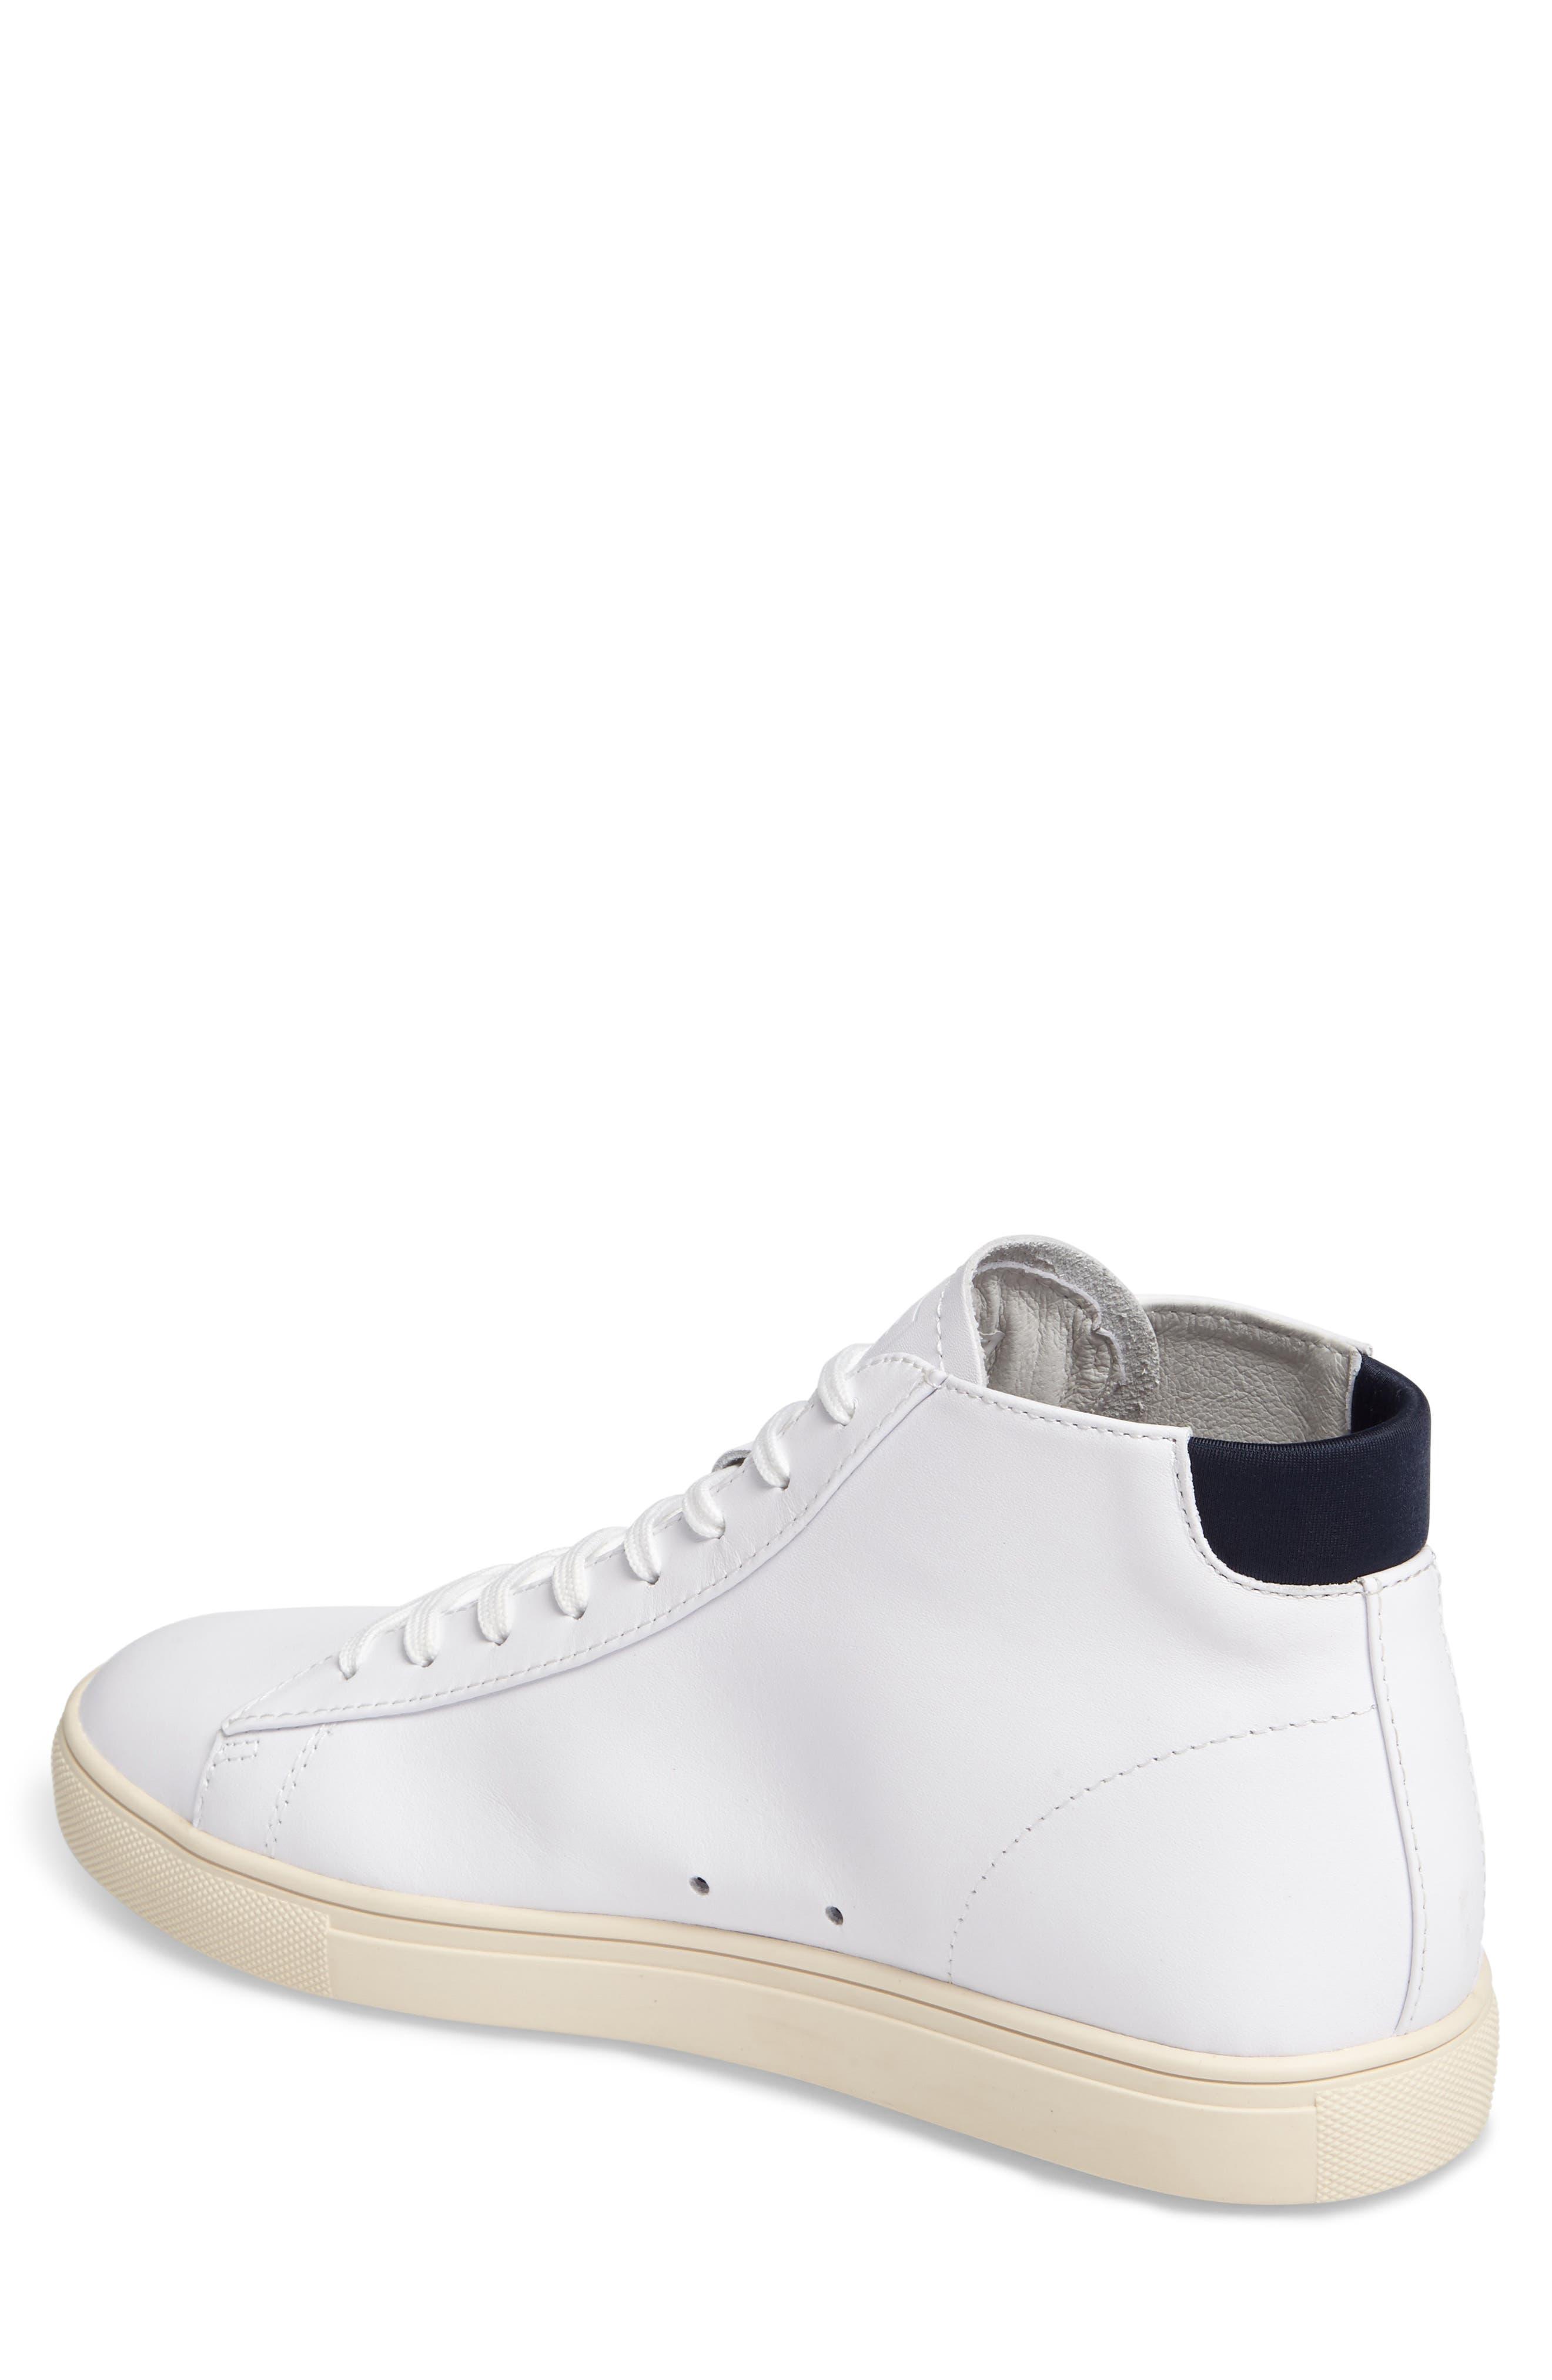 'Bradley Mid' Sneaker,                             Alternate thumbnail 2, color,                             WHITE/WHITE LEATHER